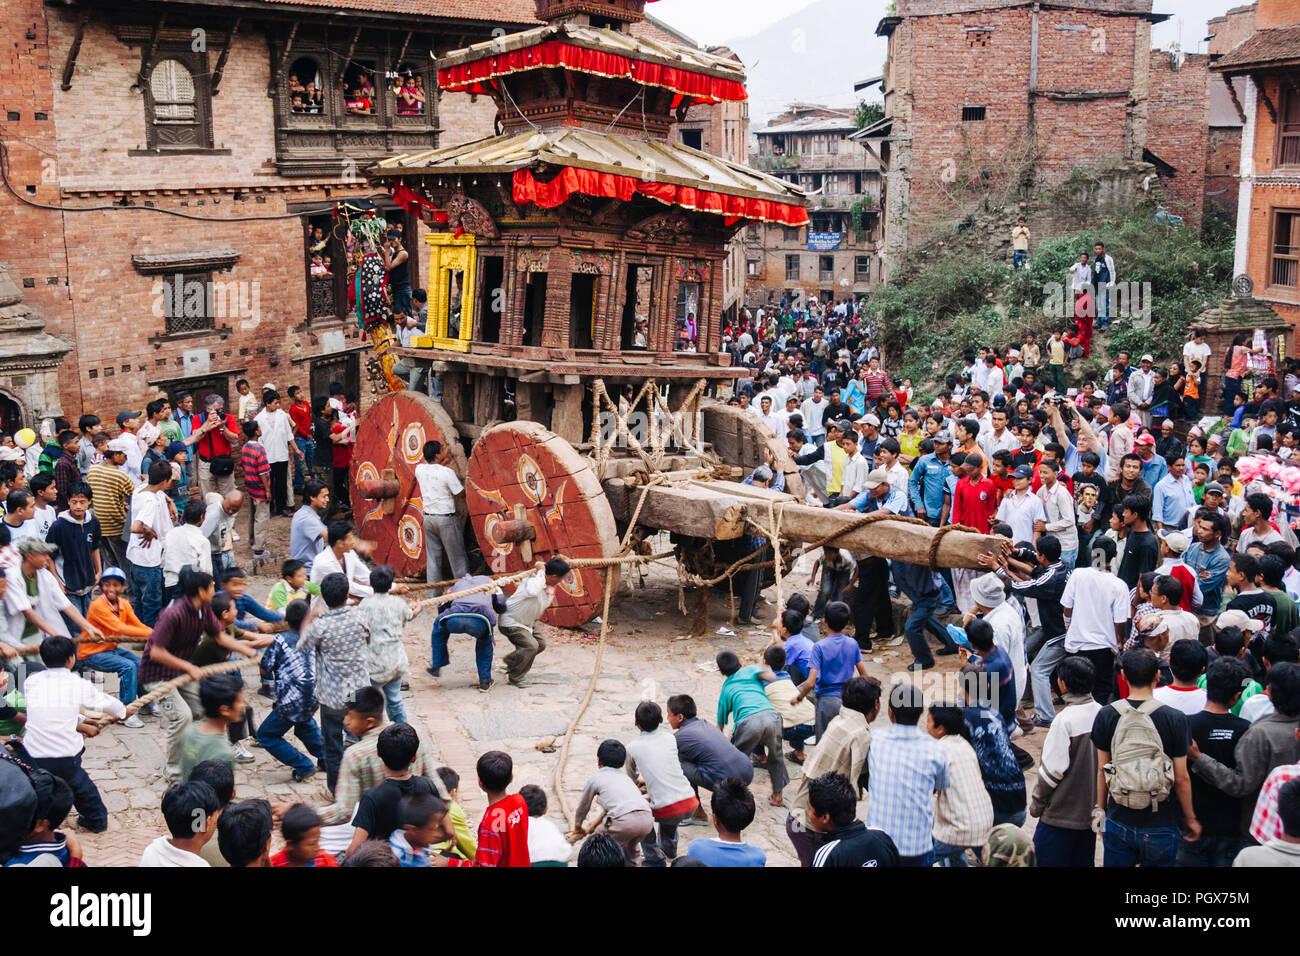 Bhaktapur, Kathmandu Valley, Bagmati, Nepal : During the Bisket Jatra Nepali New Year festival, chariots carrying the images of Bhairav and Bhadrakali - Stock Image